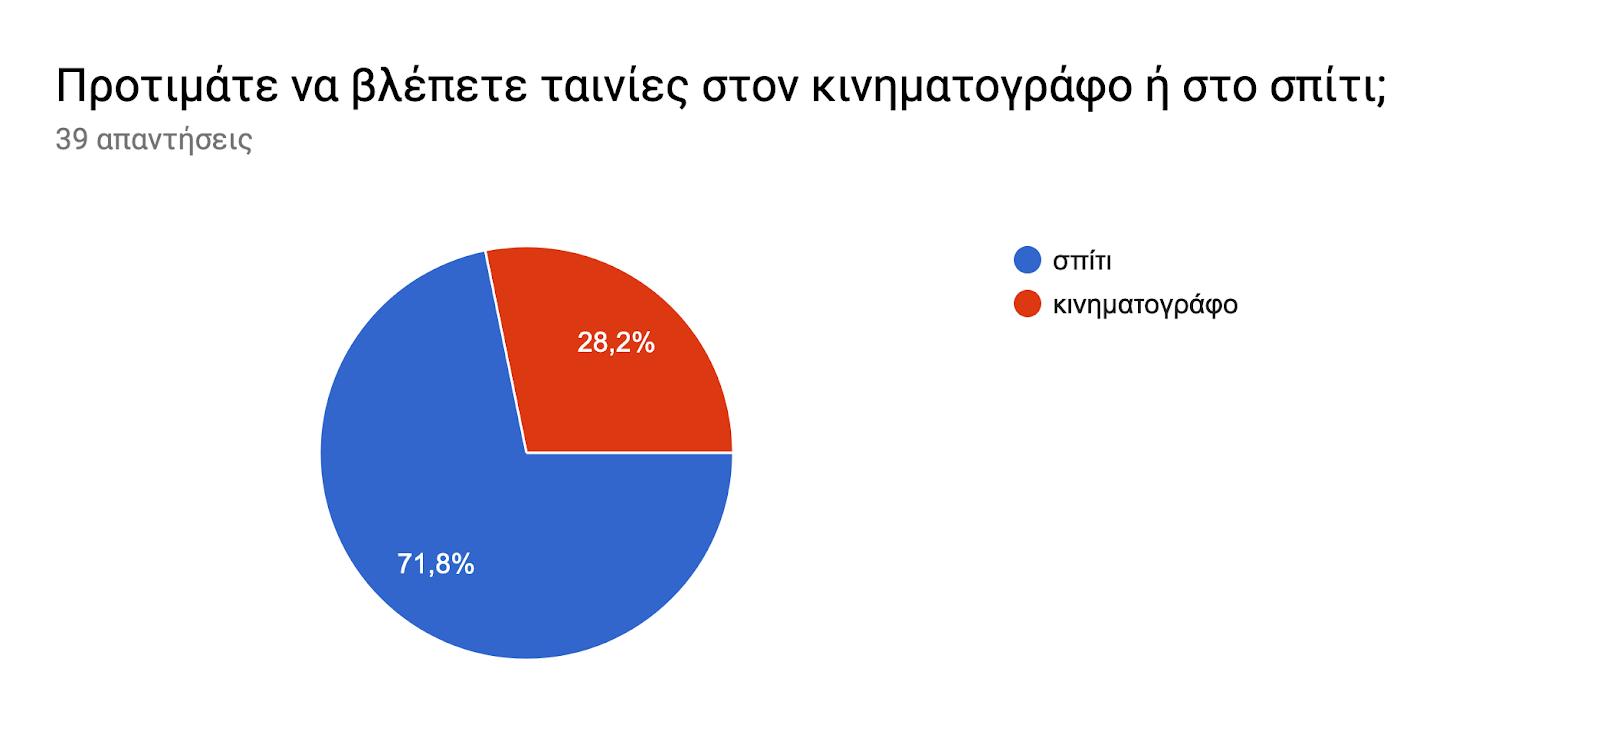 Γράφημα απάντησης φορμών. Τίτλος ερωτήματος: Προτιμάτε να βλέπετε ταινίες στον κινηματογράφο ή στο σπίτι;. Αριθμός απαντήσεων: 39 απαντήσεις.